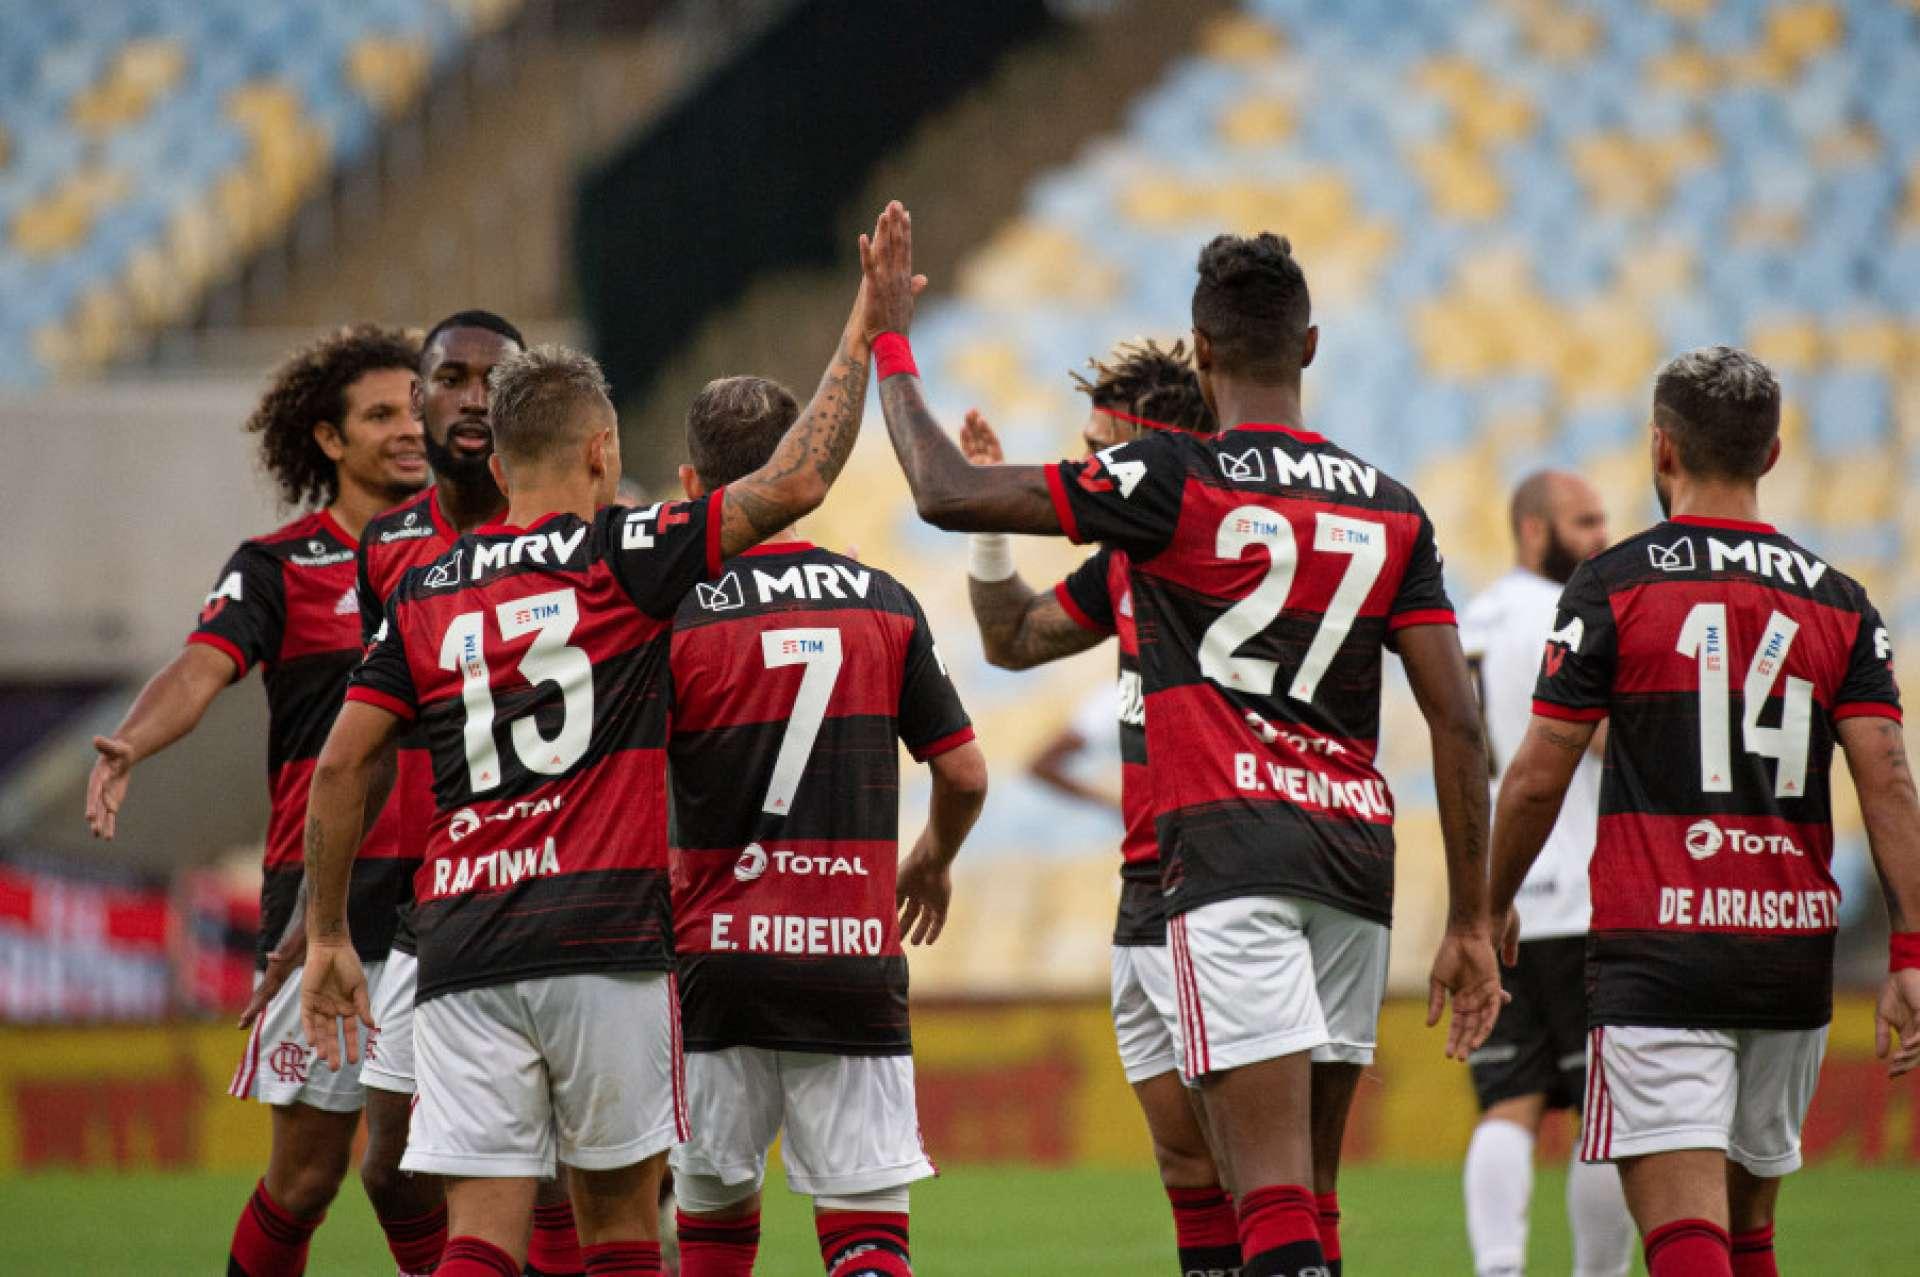 Atletico Go X Flamengo Pelo Brasileirao Onde Assistir A Transmissao Ao Vivo E Que Horas E O Jogo Futebol Esportes O Povo